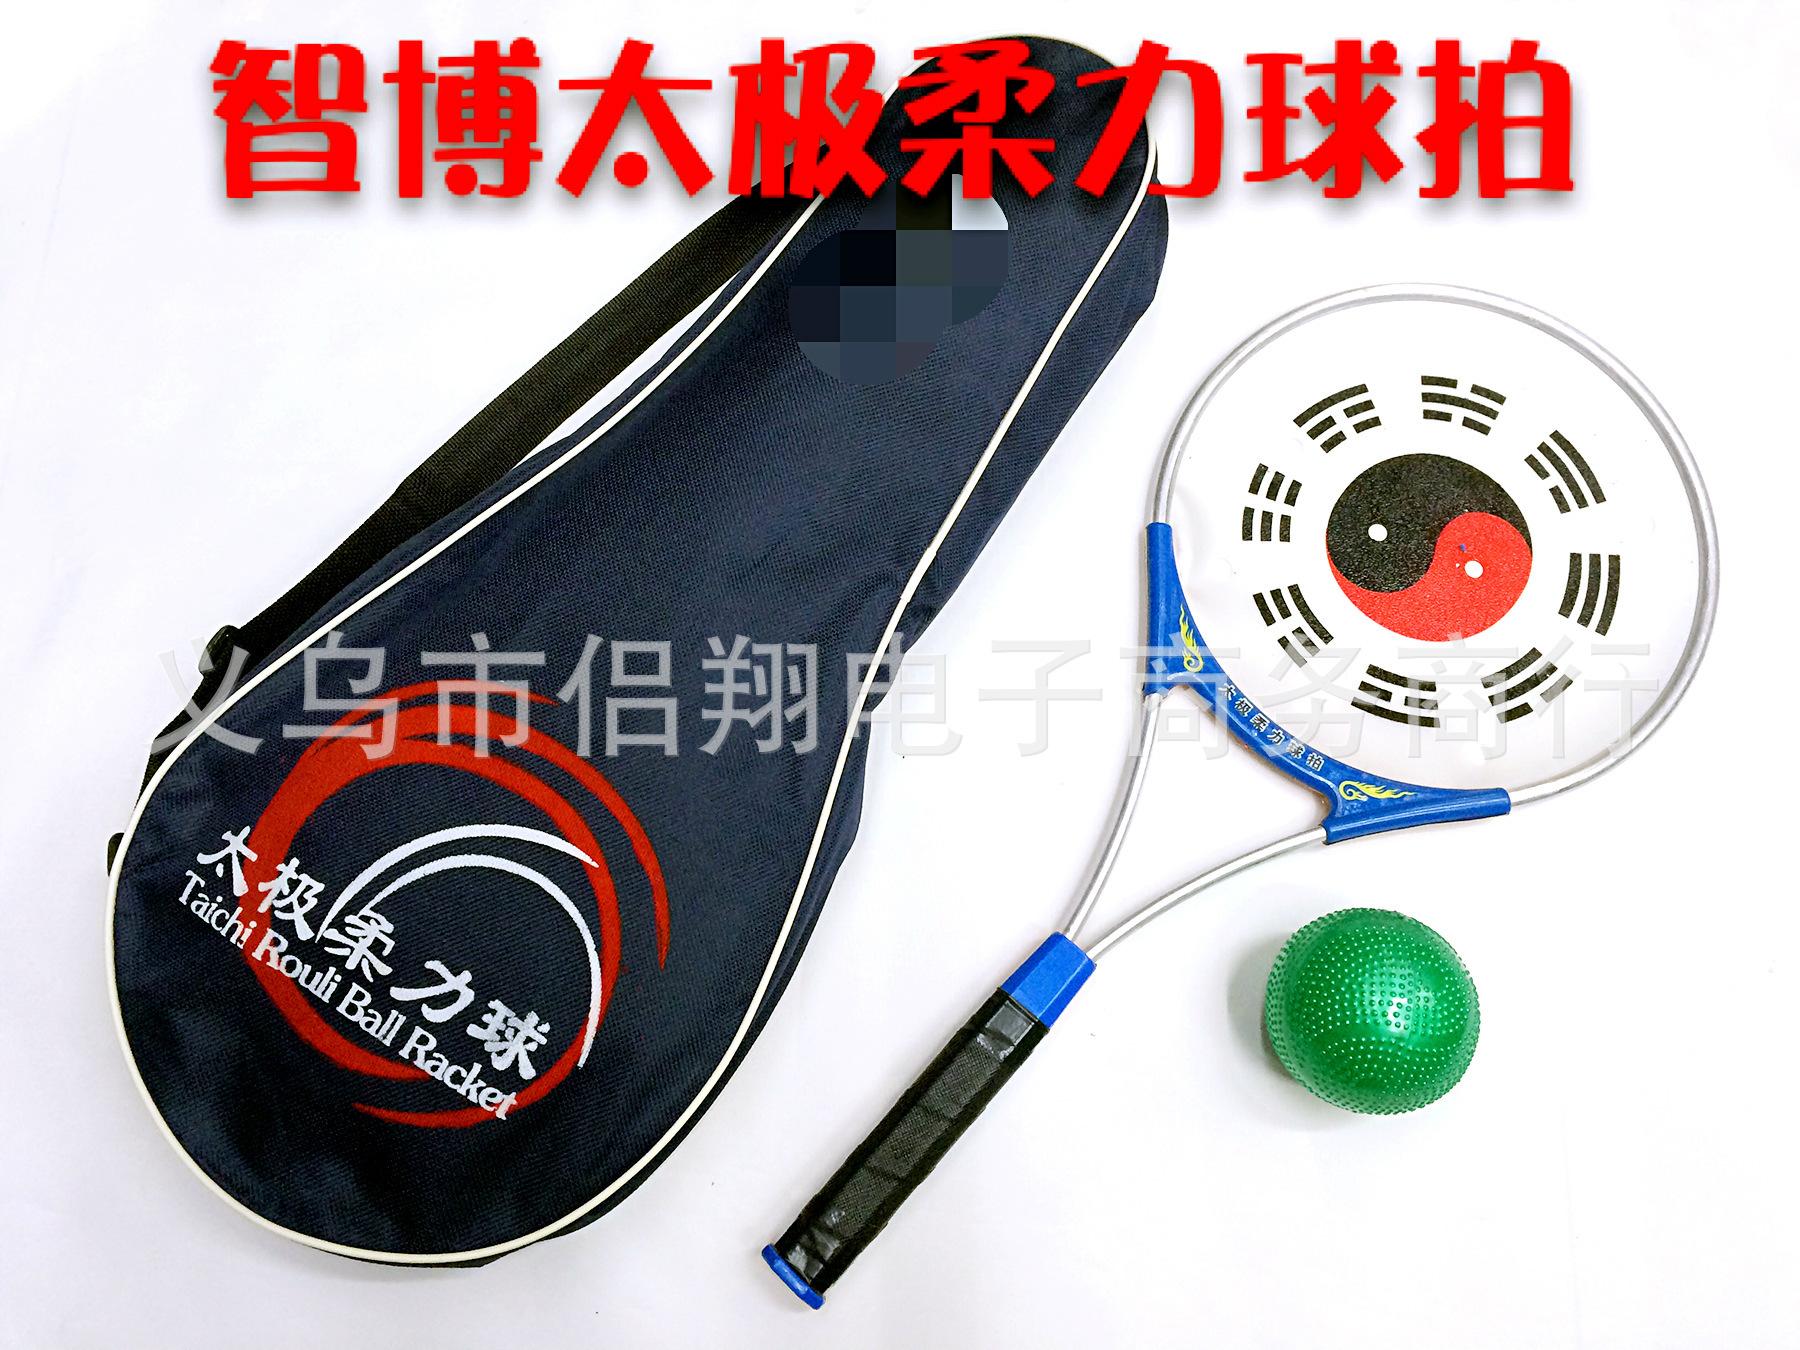 中老年 廠家直銷鋁合金太極柔力球拍 套裝老年柔力球 太極拍-阿里巴巴